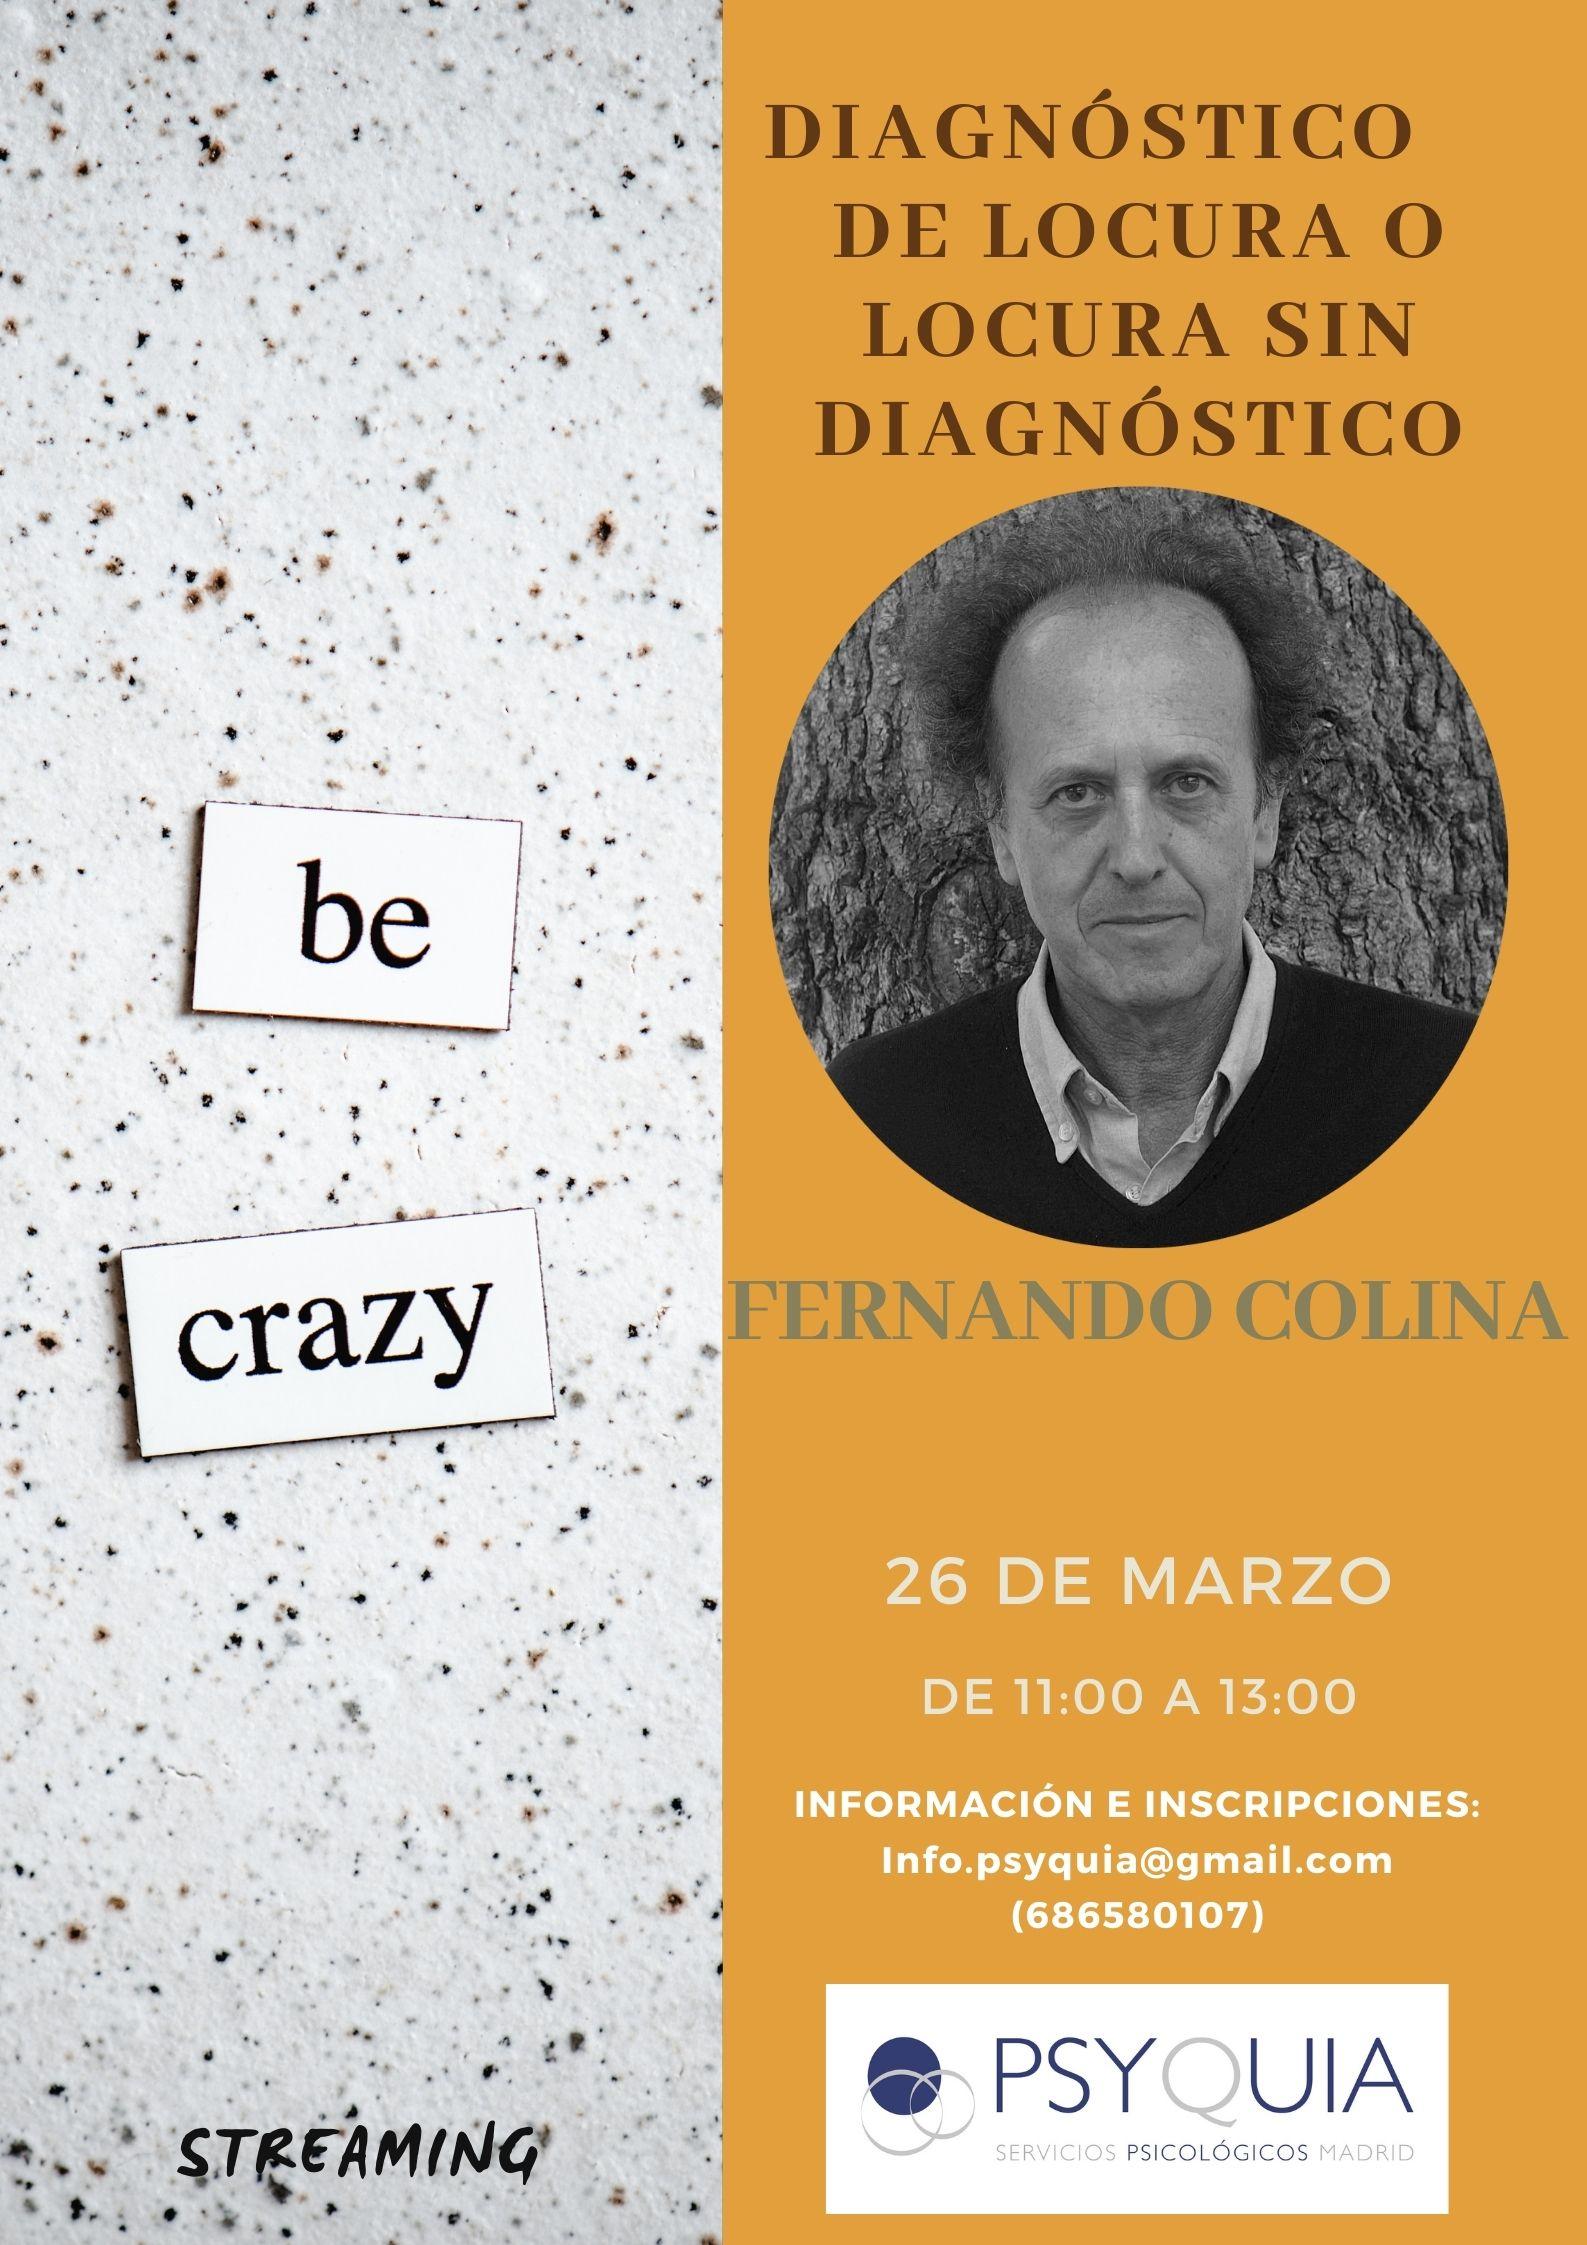 """26/03/22 Lección 6 """"Diagnóstico de locura o locura sin diagnóstico"""". III Ciclo: Las caras de la psicosis – Fernando Colina"""